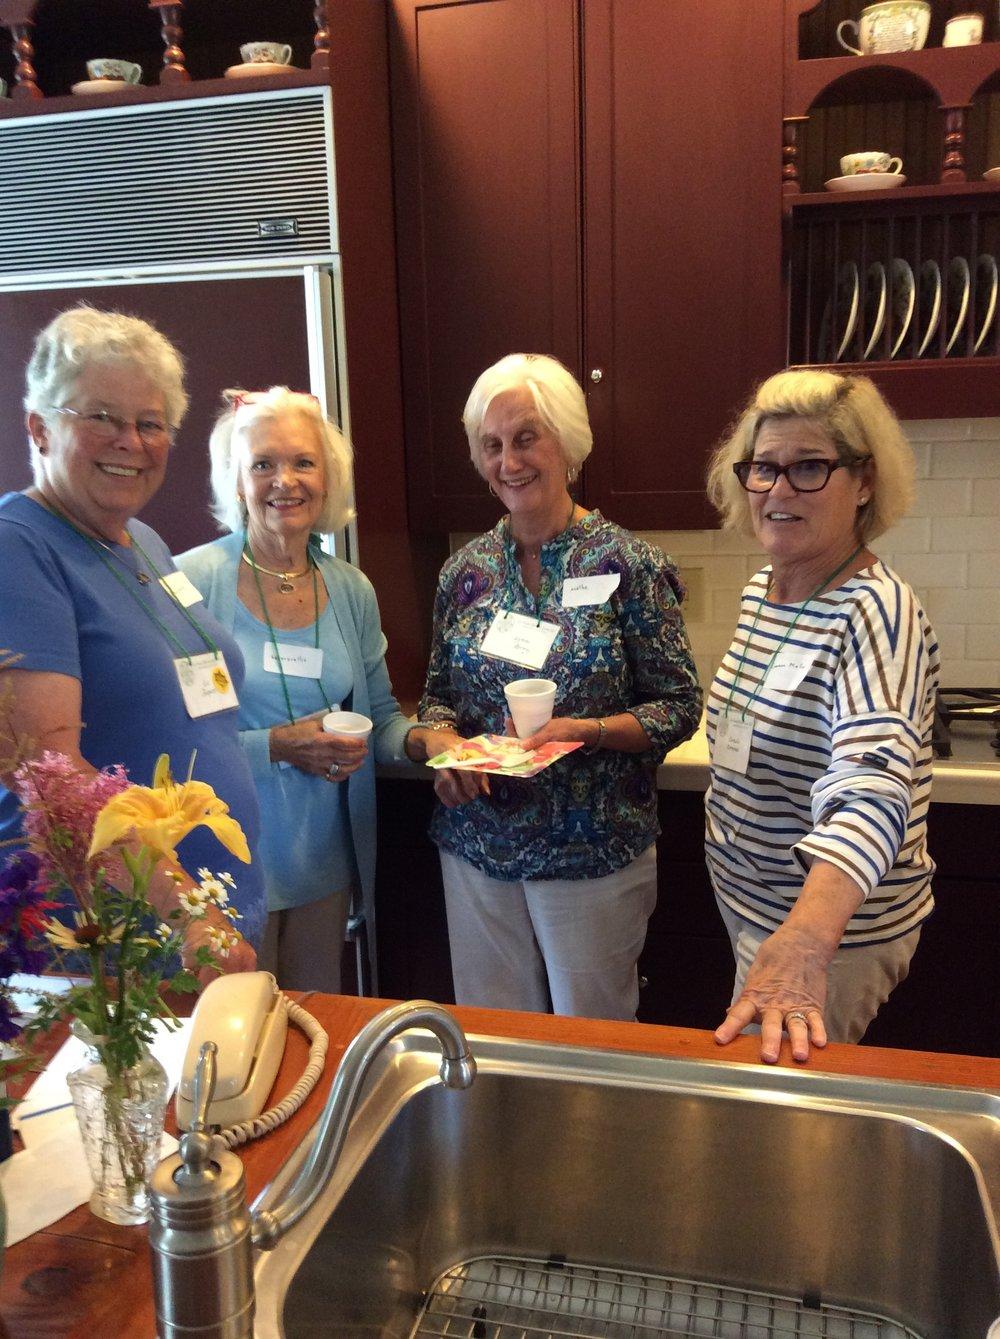 Liz, Elizabeth, Lynne, and Corn